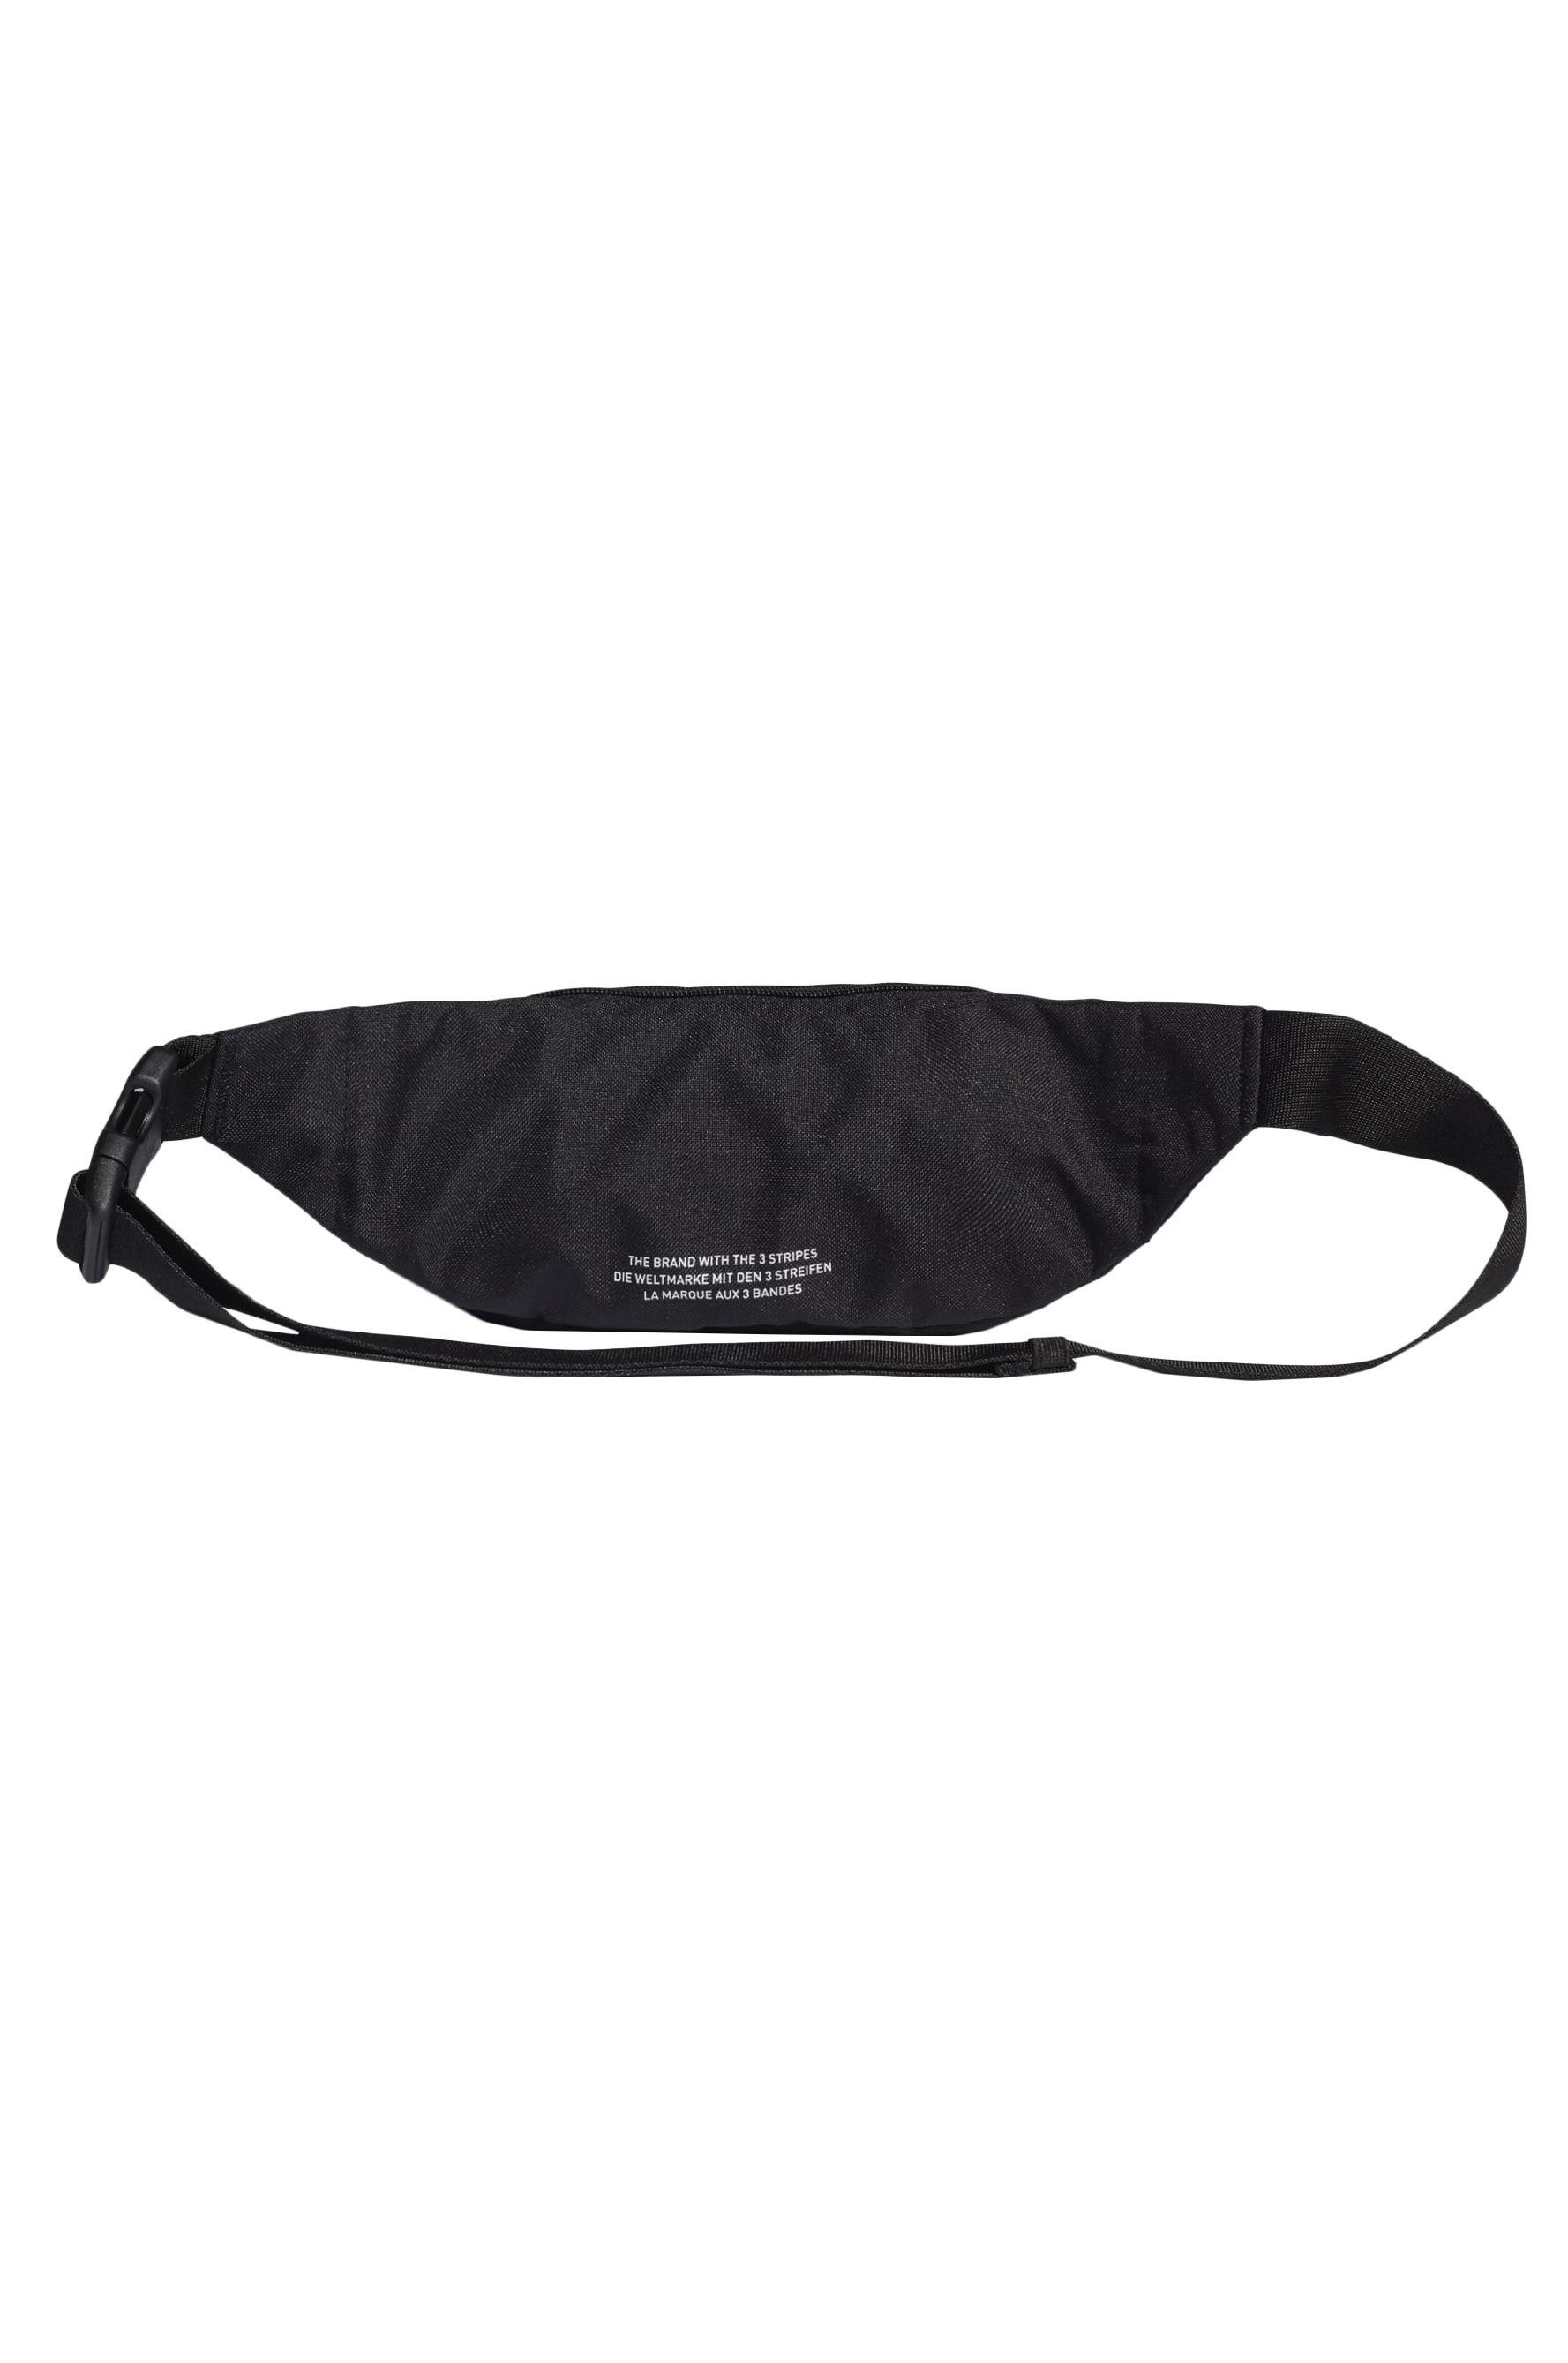 Adidas Waist Bag ESSENTIAL CBODY Black